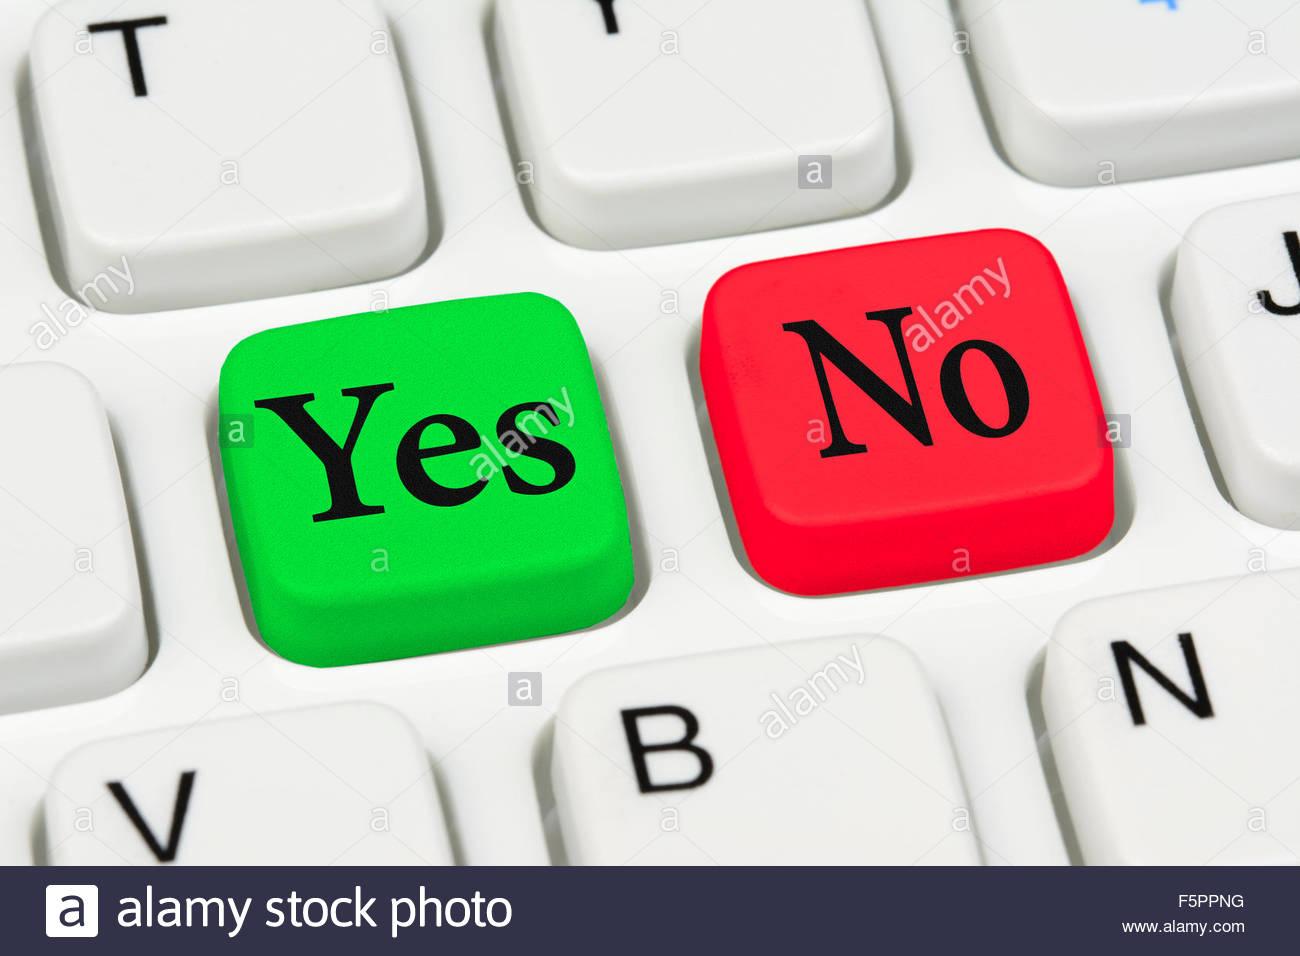 Entscheidungsfindung mit Schaltflächen Ja und Nein auf einer PC-Tastatur. Ja oder Nein Konzept. Stockbild